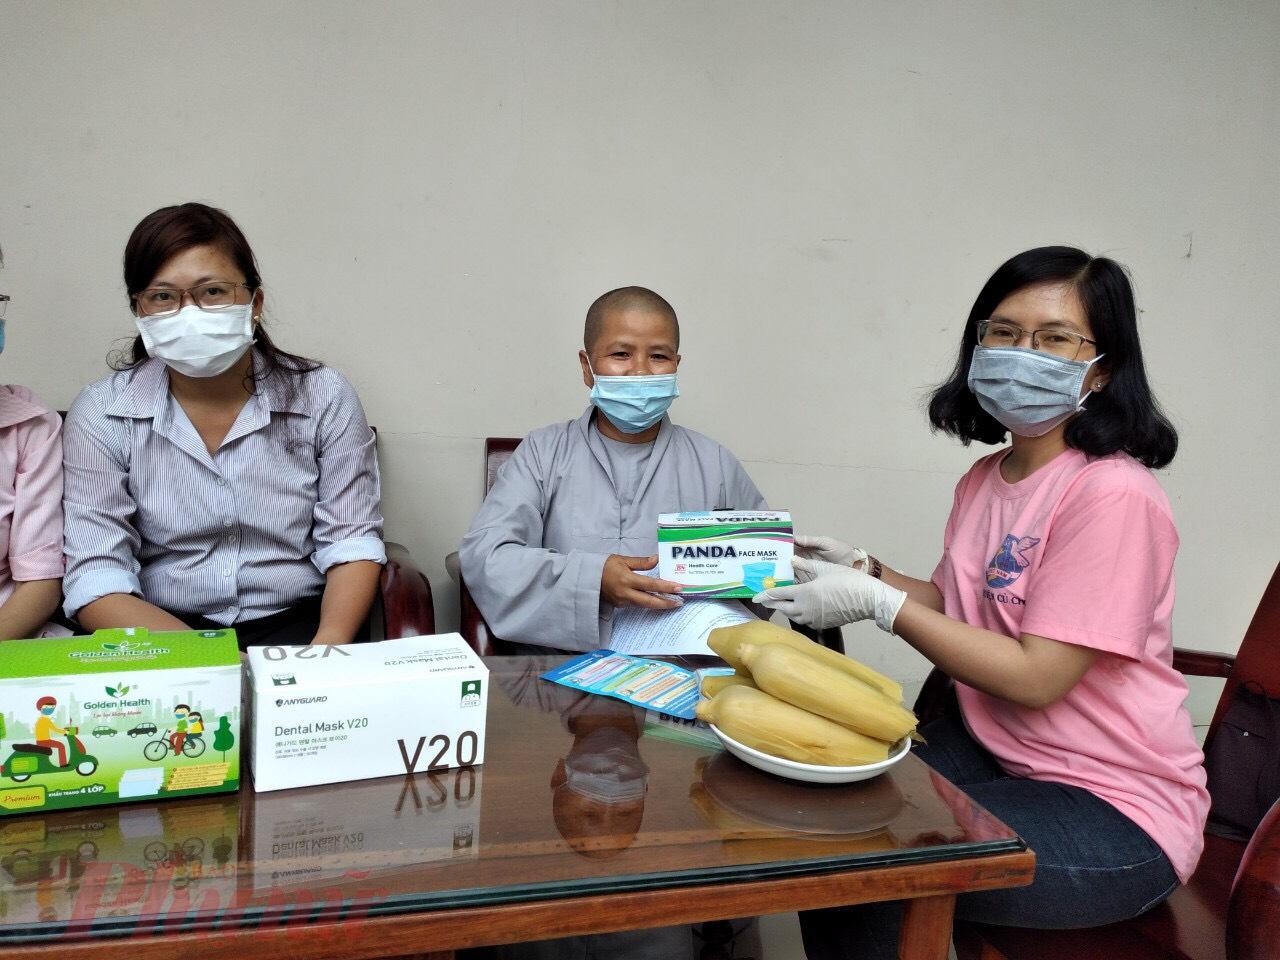 Tuyên truyền, hướng dẫn các biện pháp phòng, chống dịch bệnh viêm đường hô hấp đến các cơ sở tôn giáo.